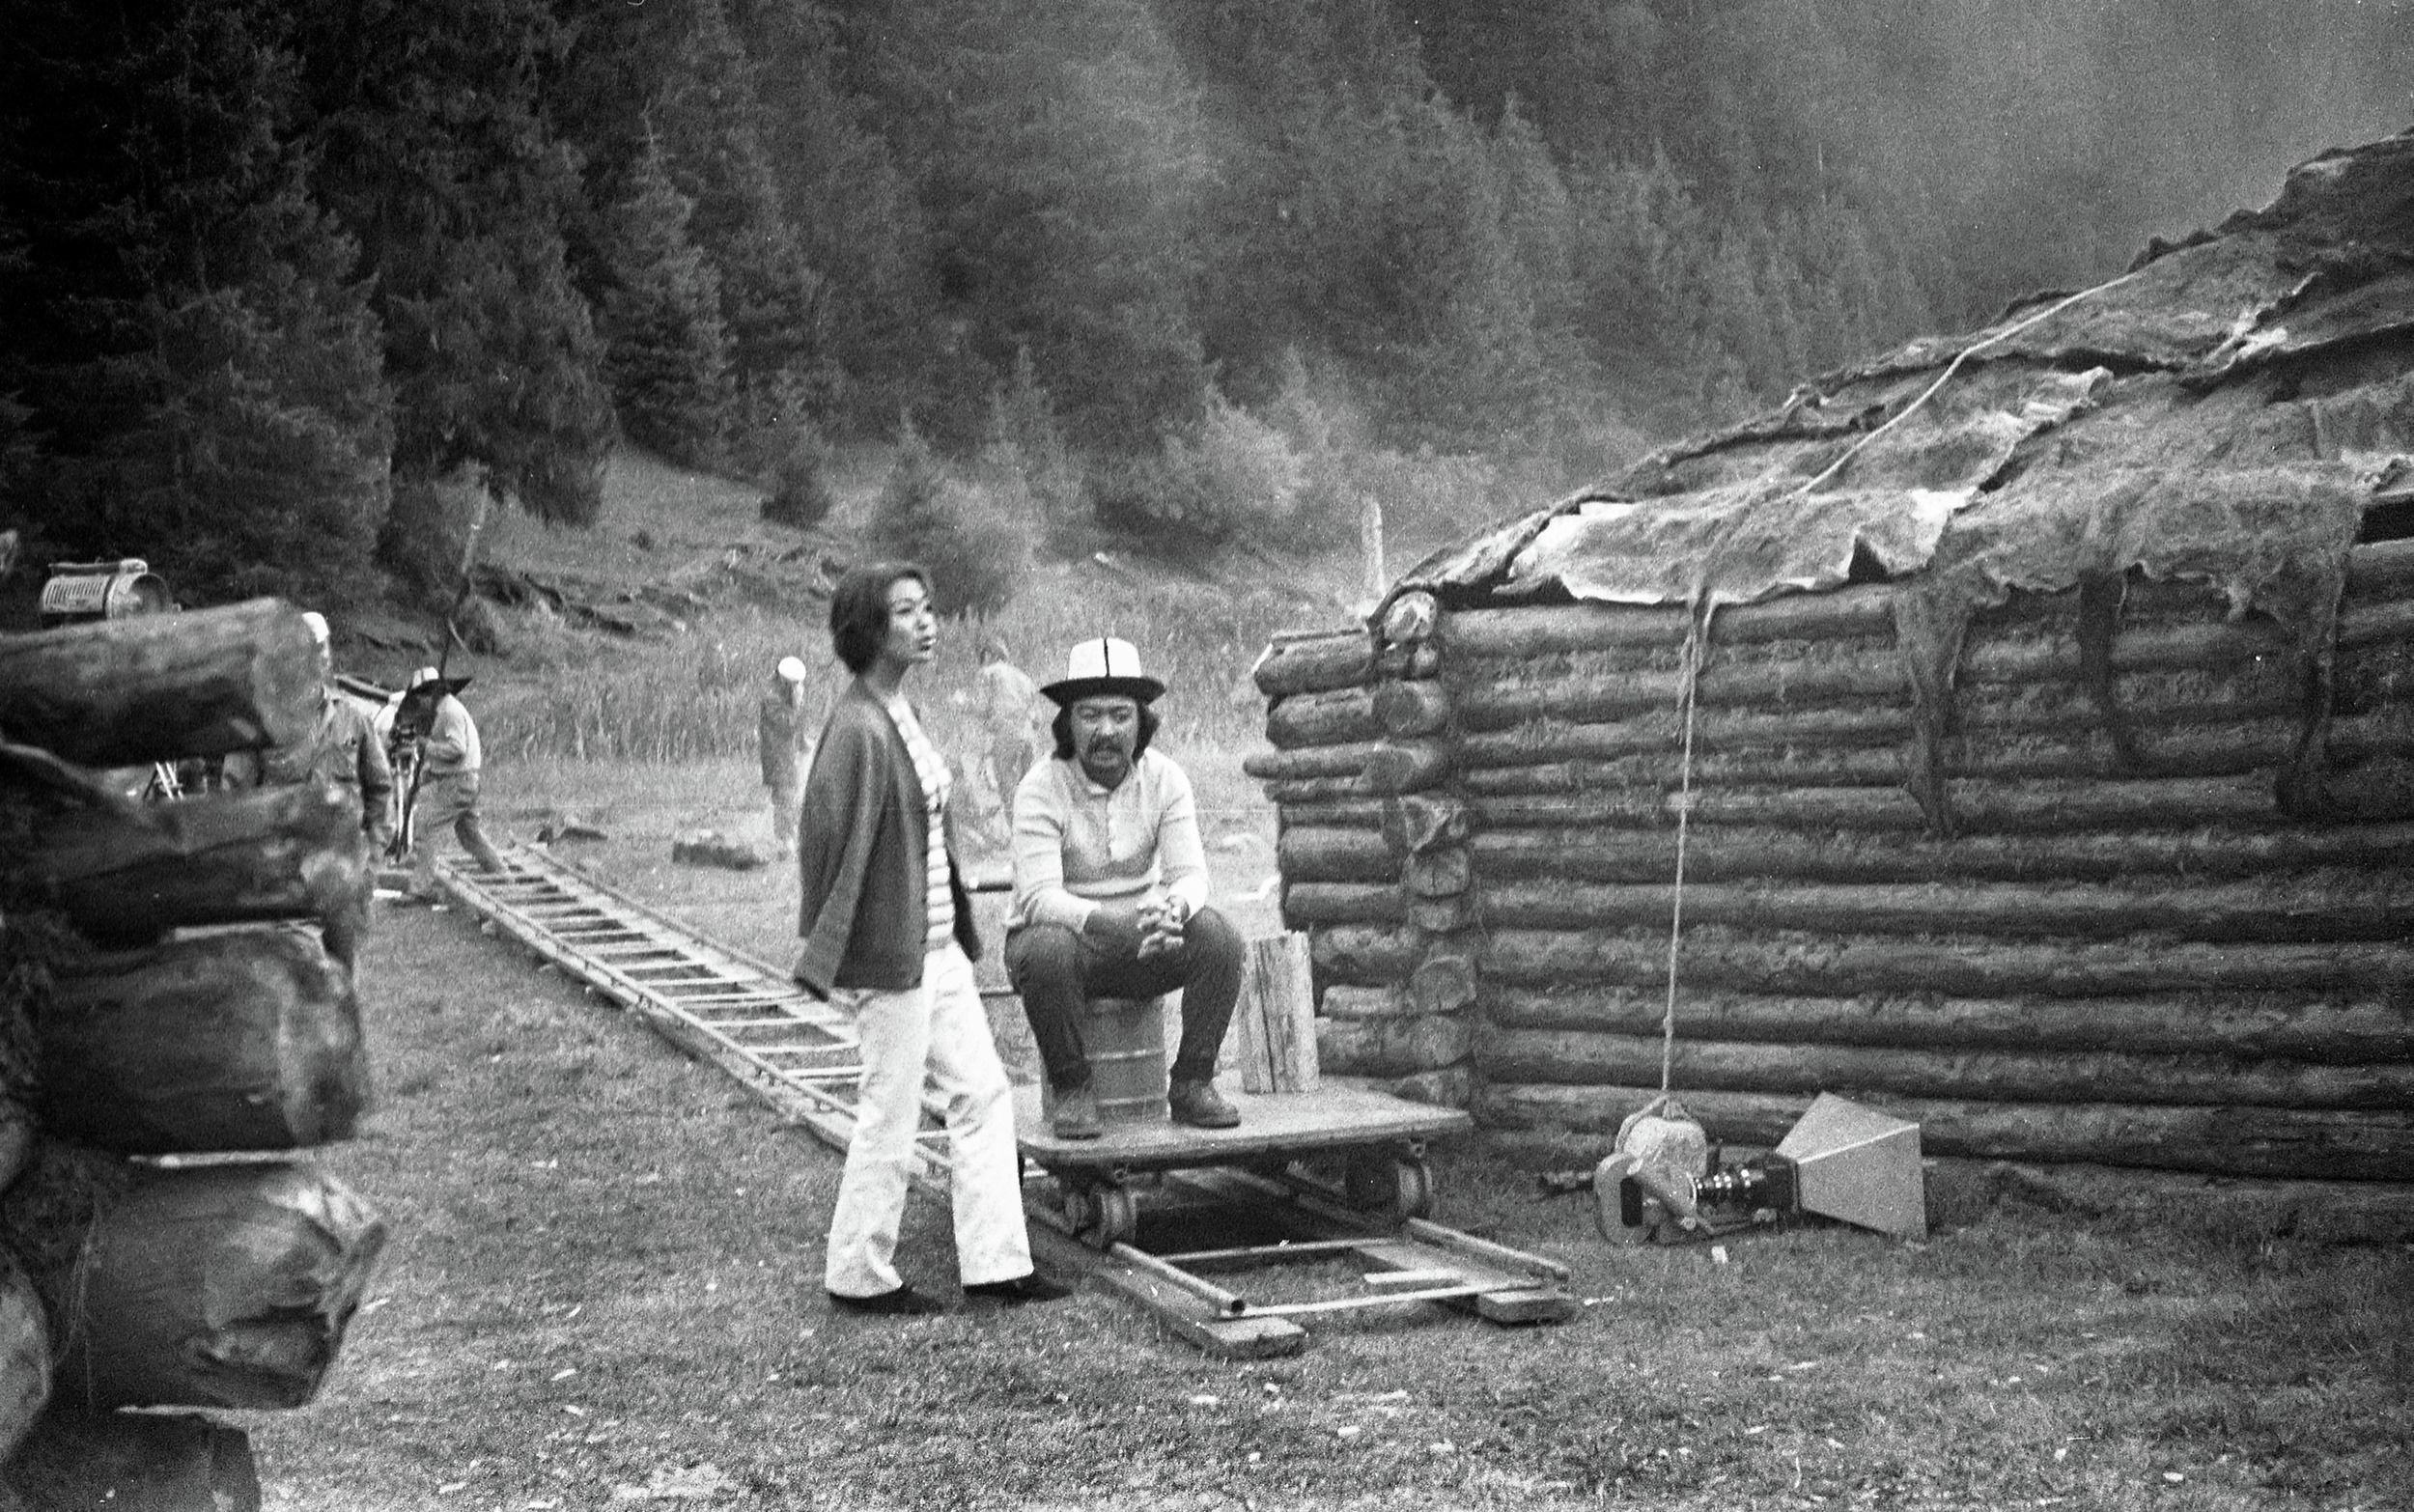 Атактуу режиссер Болот Шамшиев менен актриса Айтурган Темированын сүрөтү 1975-жылы Ысык-Көл облусунда тартылган.